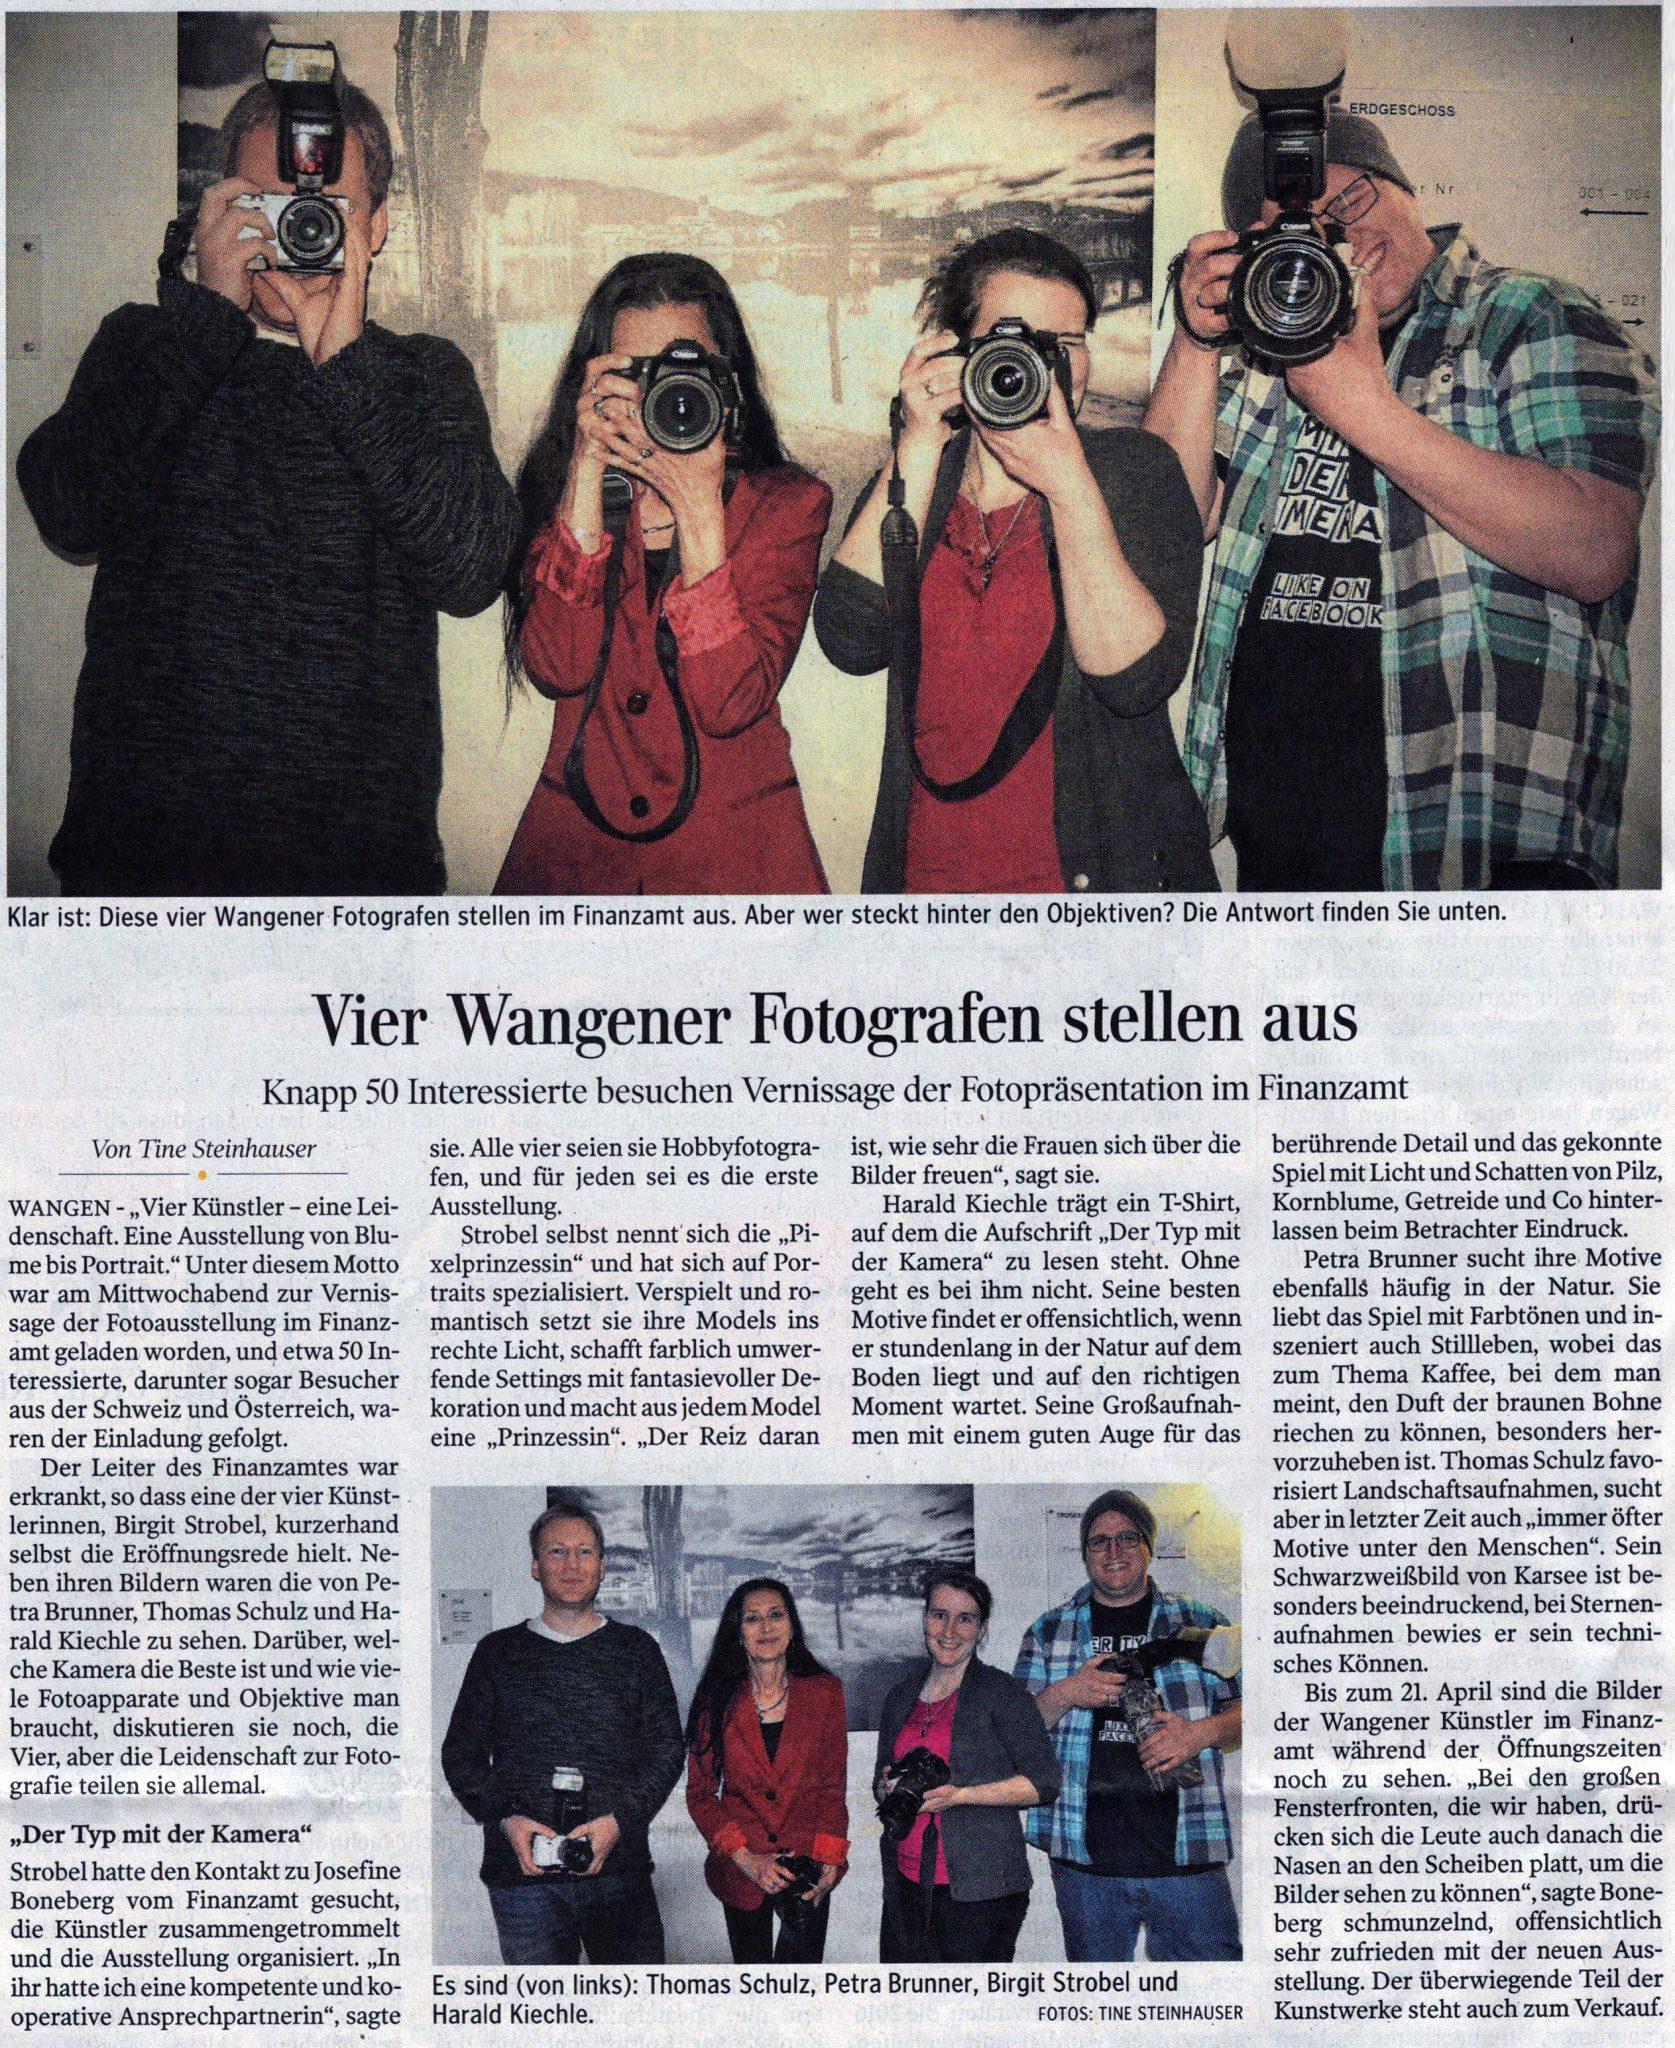 Schwäbische Zeitung – Vernissage